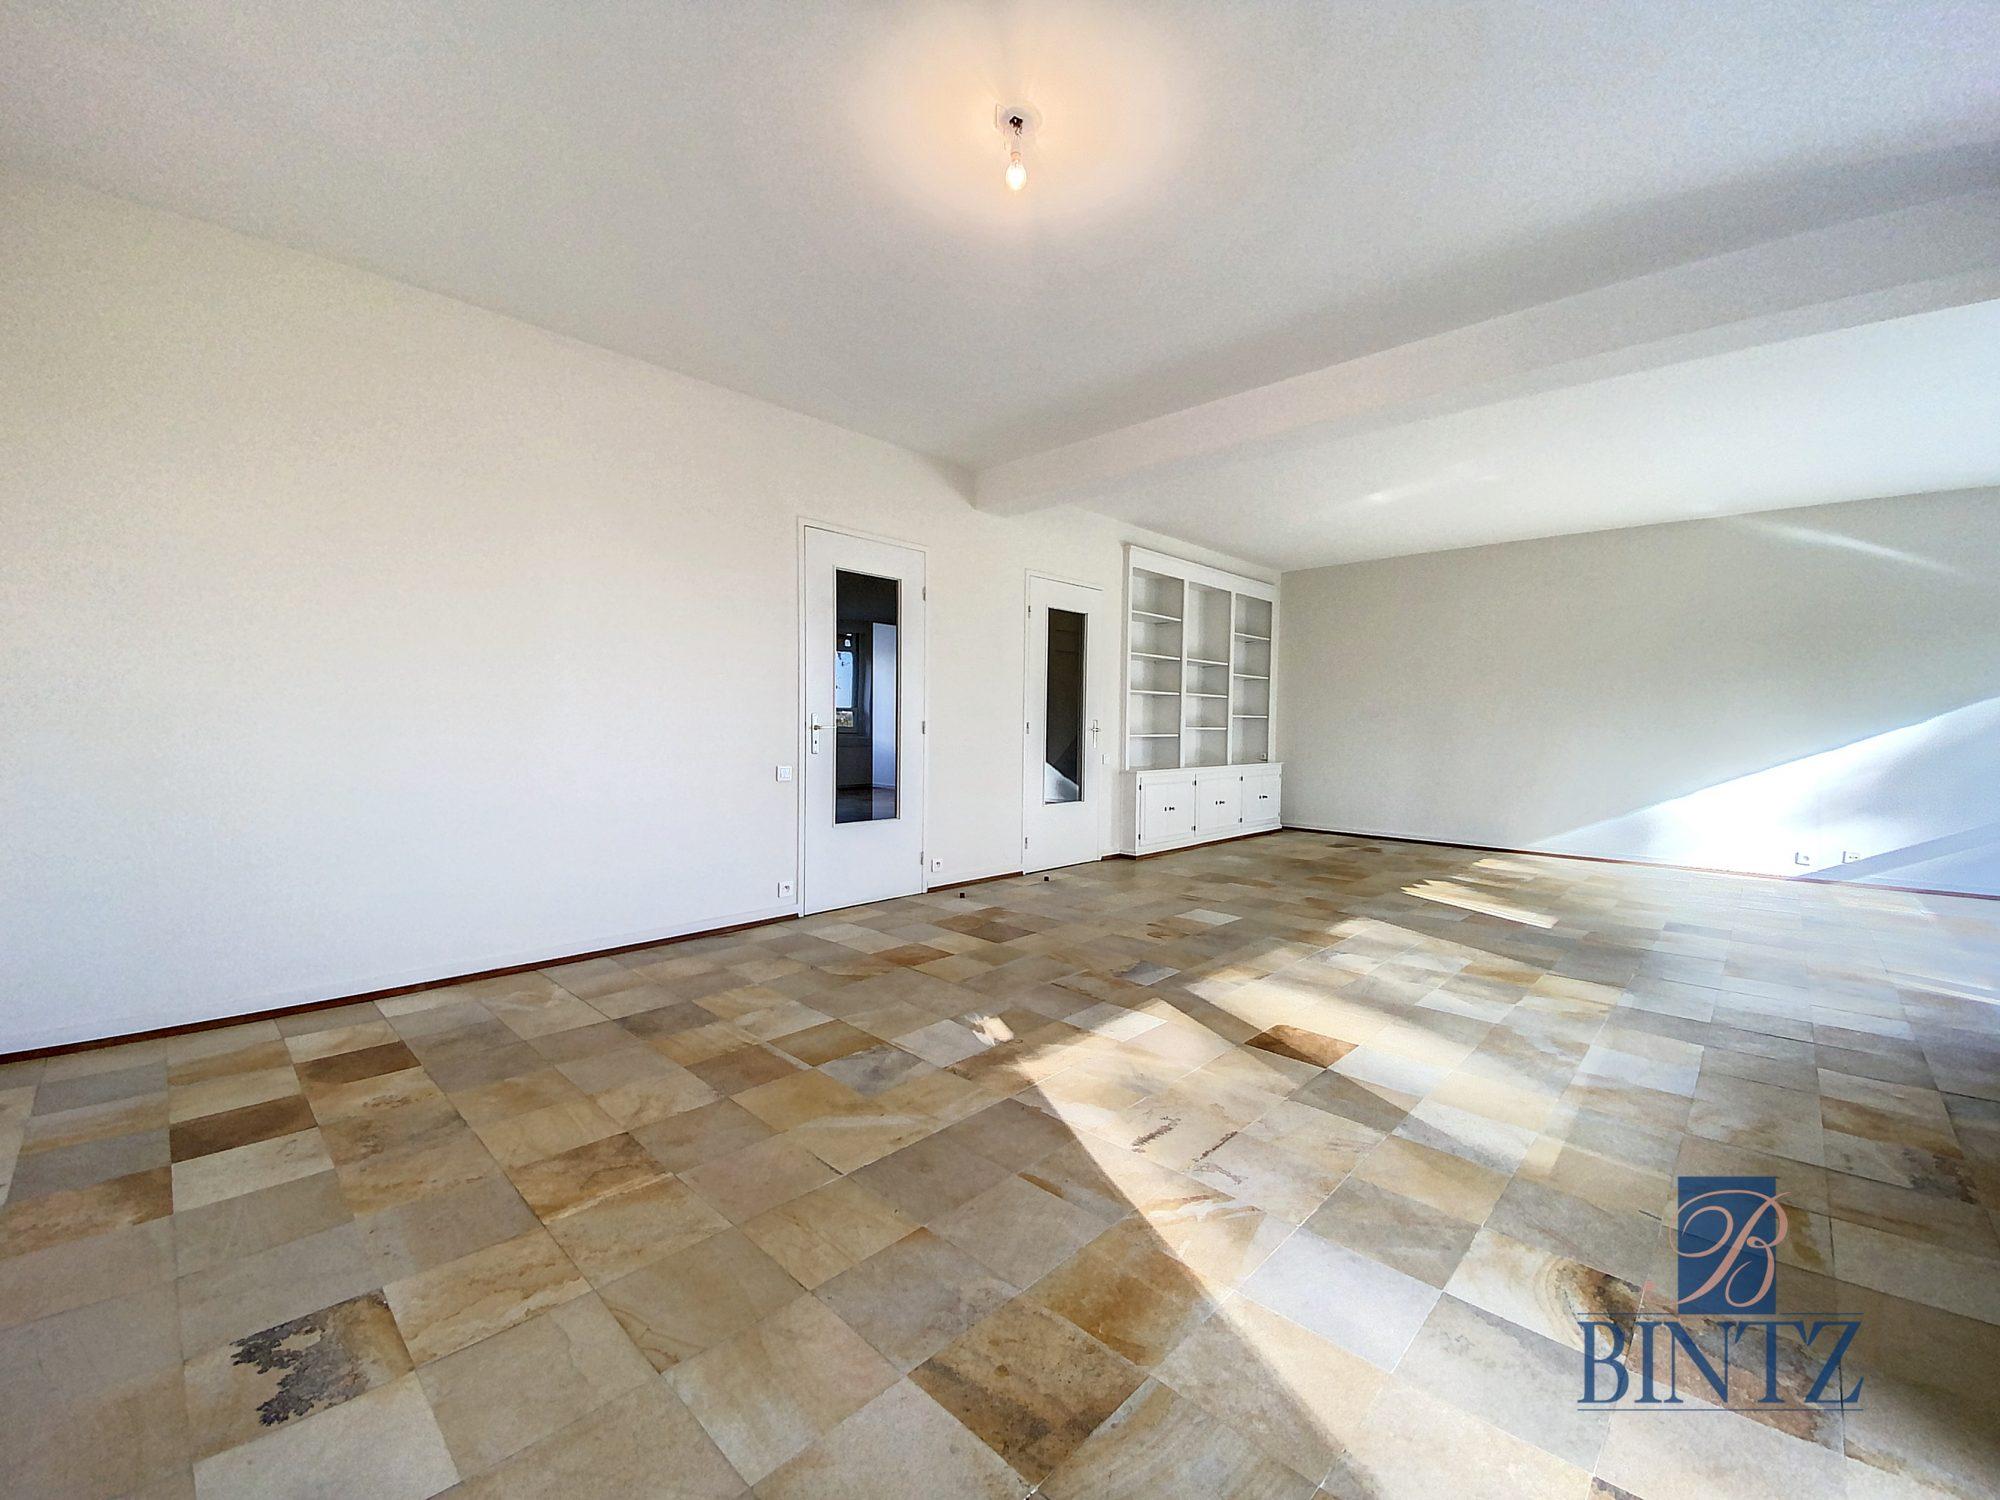 5-6 PIÈCES QUARTIER CONTADES - Devenez locataire en toute sérénité - Bintz Immobilier - 13